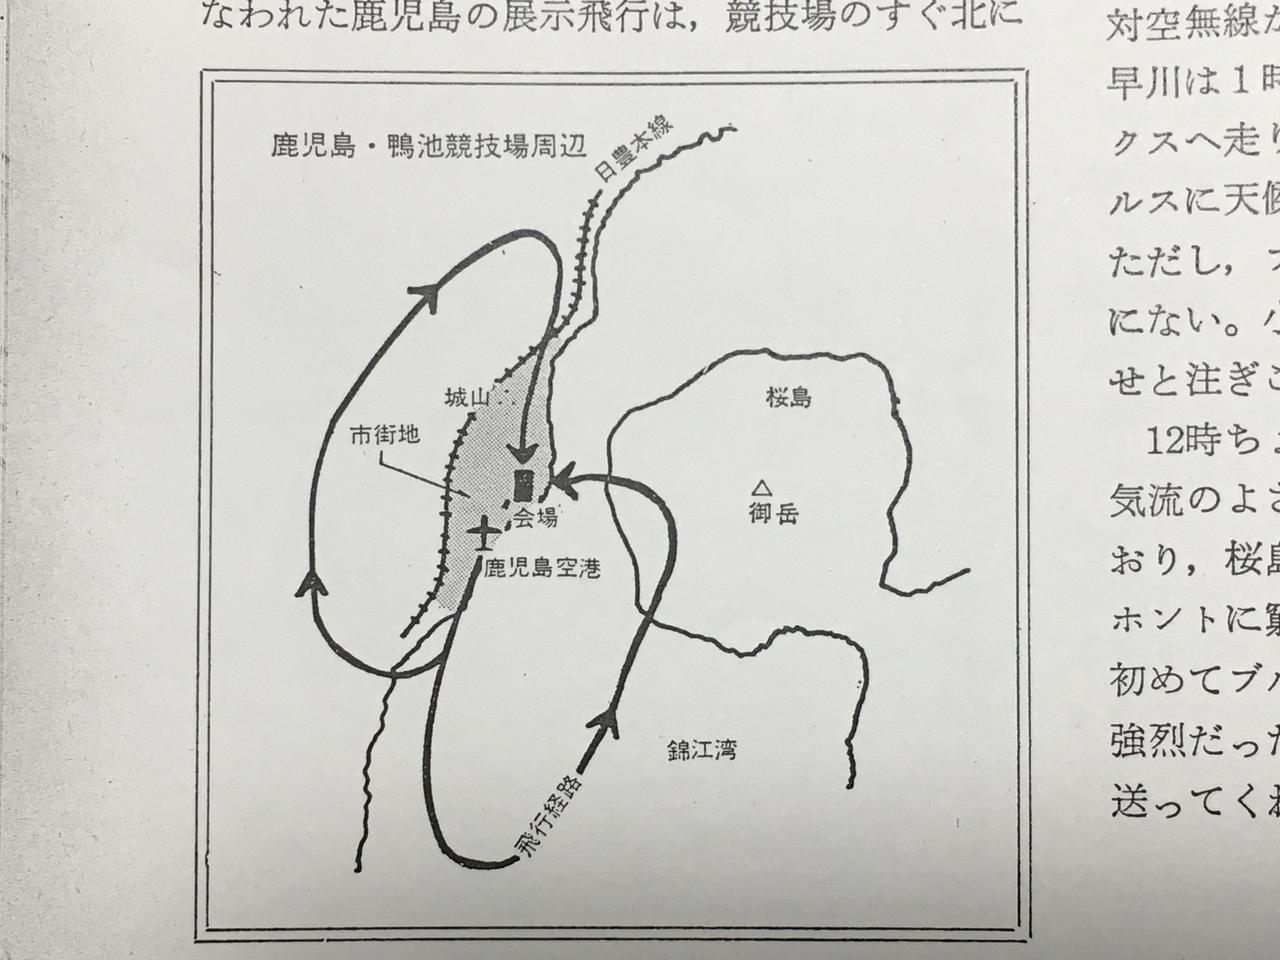 画像: 月刊航空ジャーナル1977年11月号にのる鹿児島での展示飛行の空域図。現在のT-4ブルーの祝賀飛行でも8の字パターンは使われるが、ここまでの変形8の字ではない。